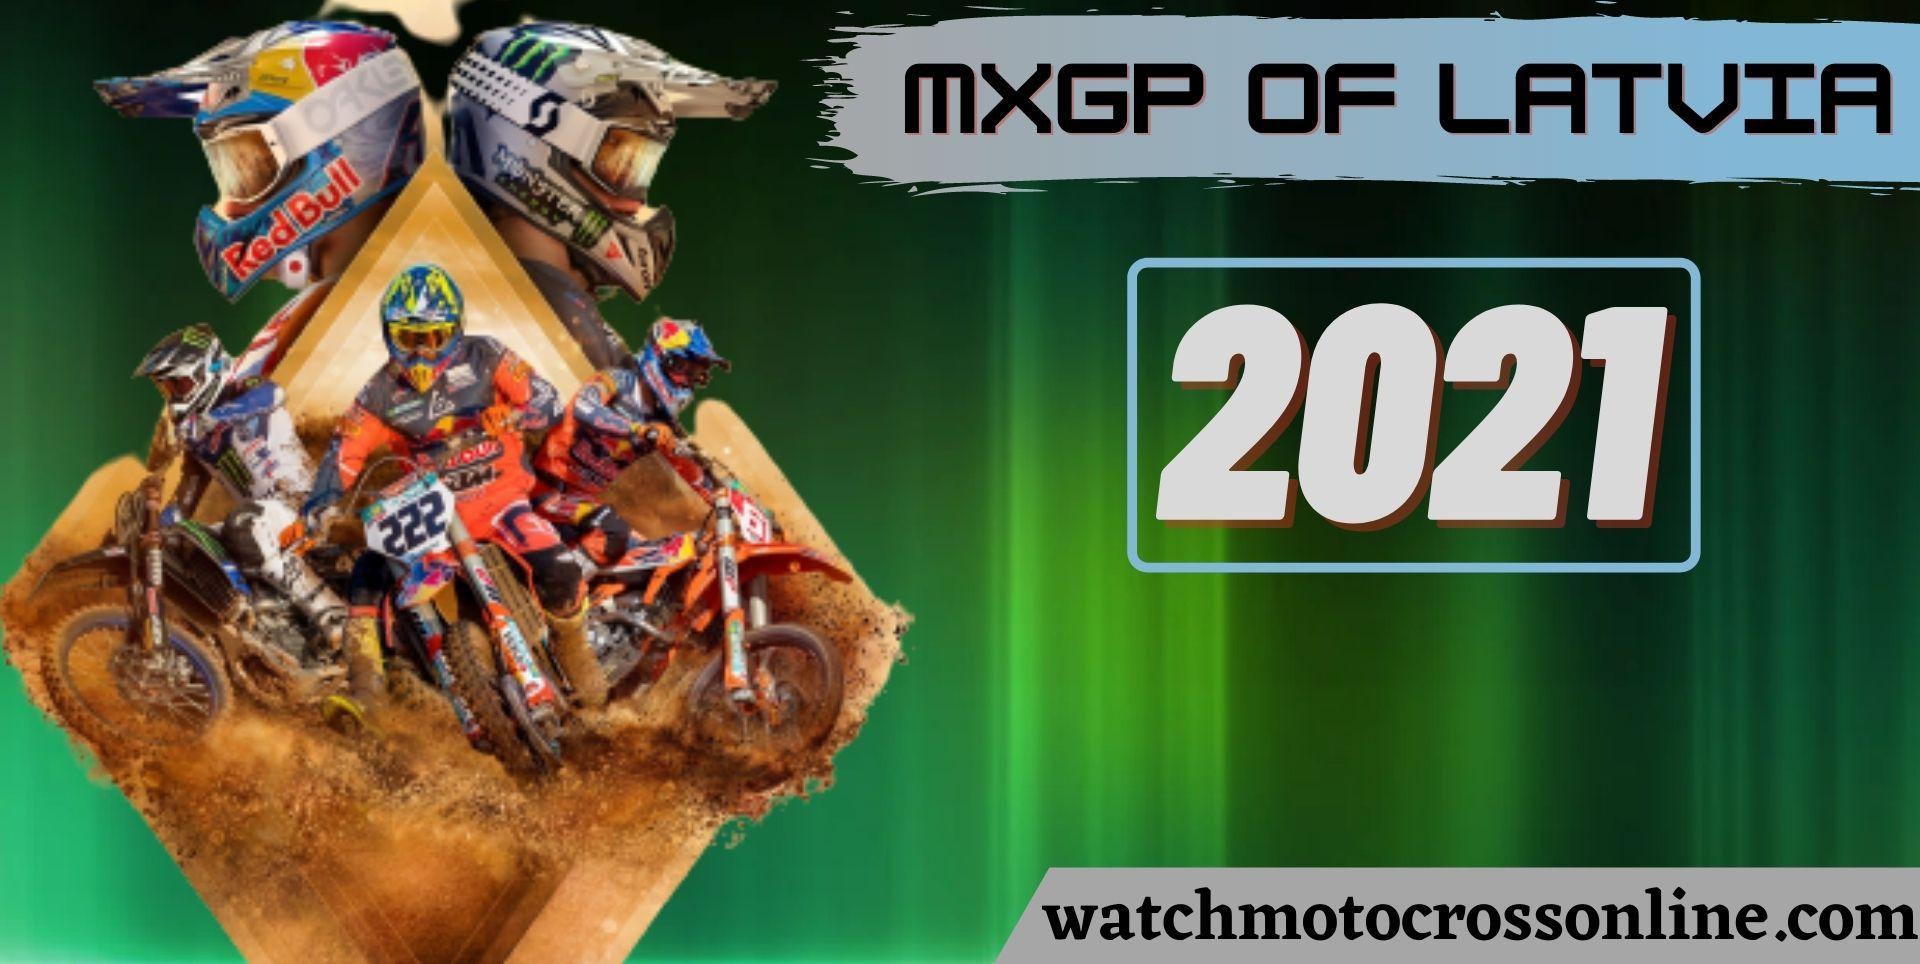 MXGP Of Latvia Live Stream 2021